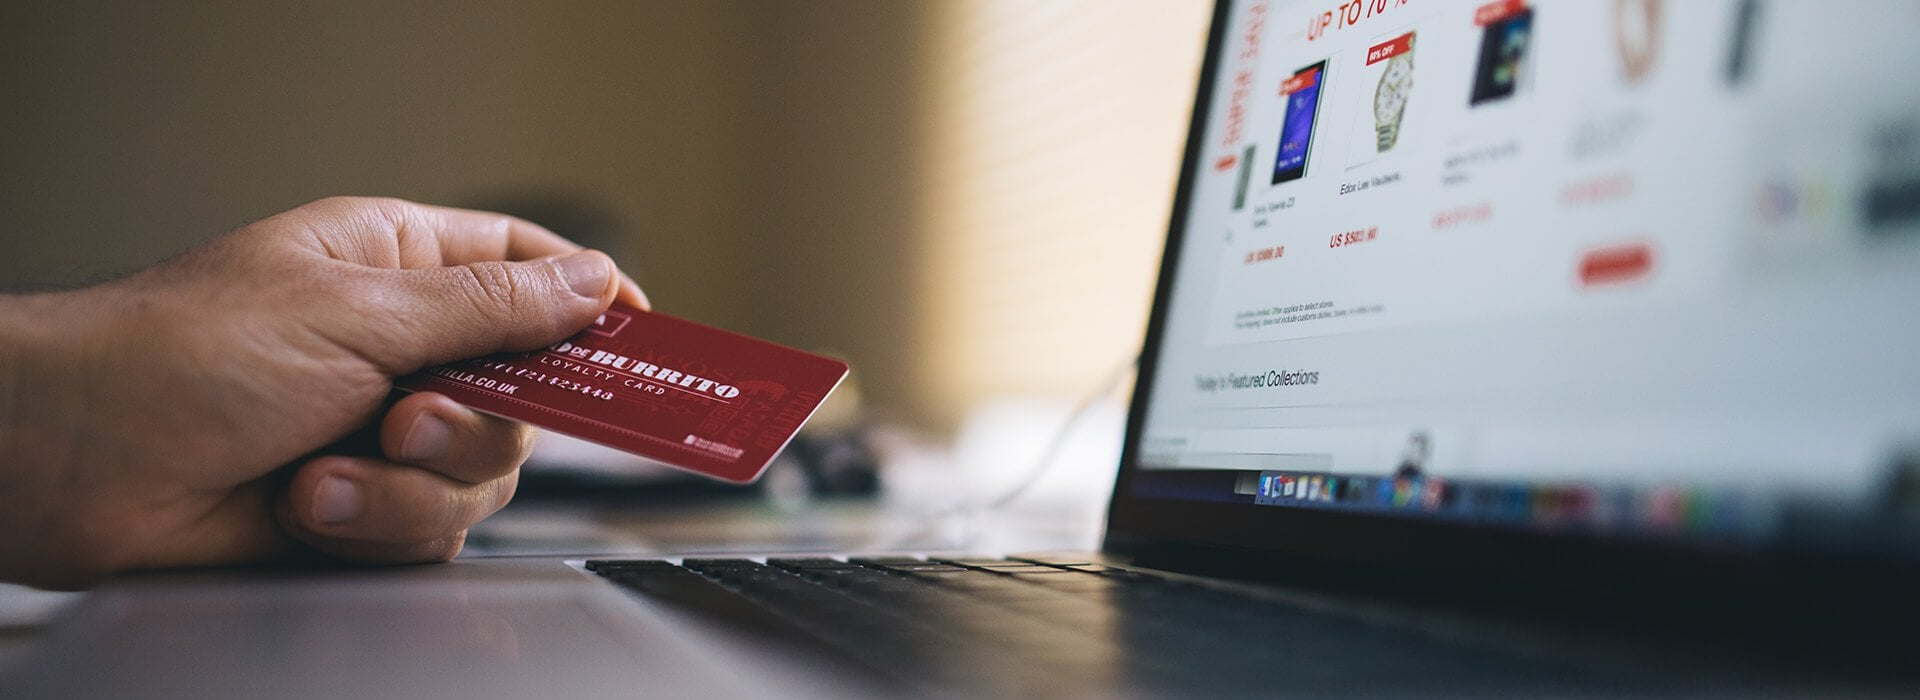 Hvad koster en webshop?